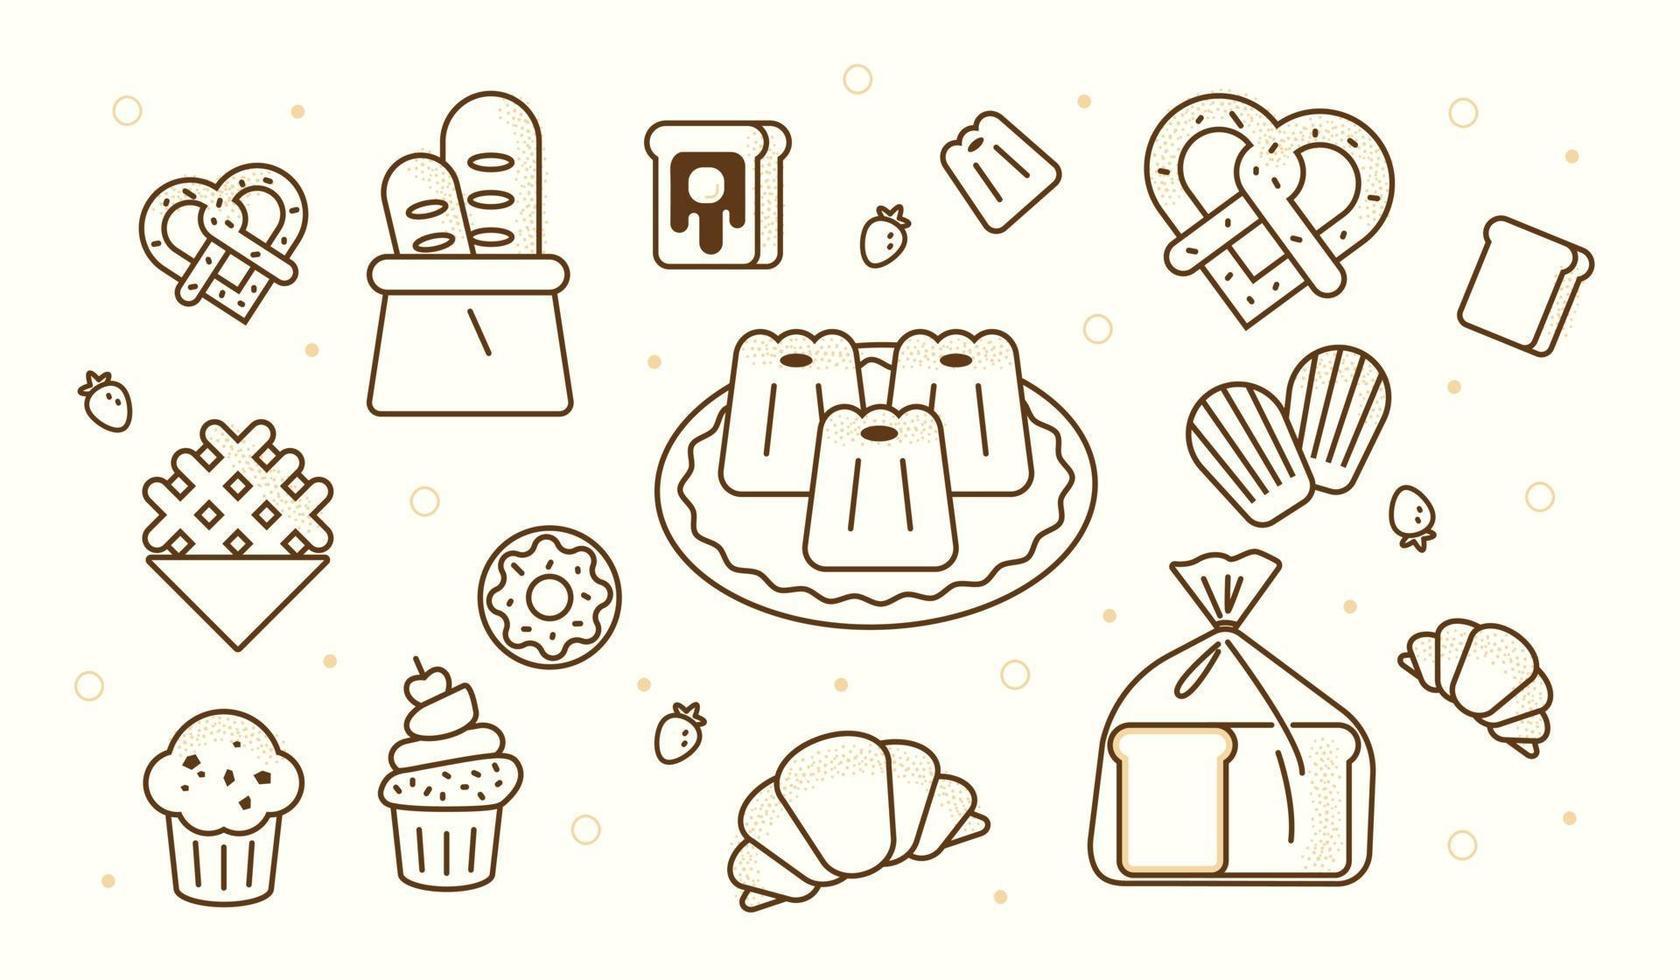 delicioso dibujo de líneas de objetos de panadería. Ilustración de vector mínimo de estilo de diseño plano.